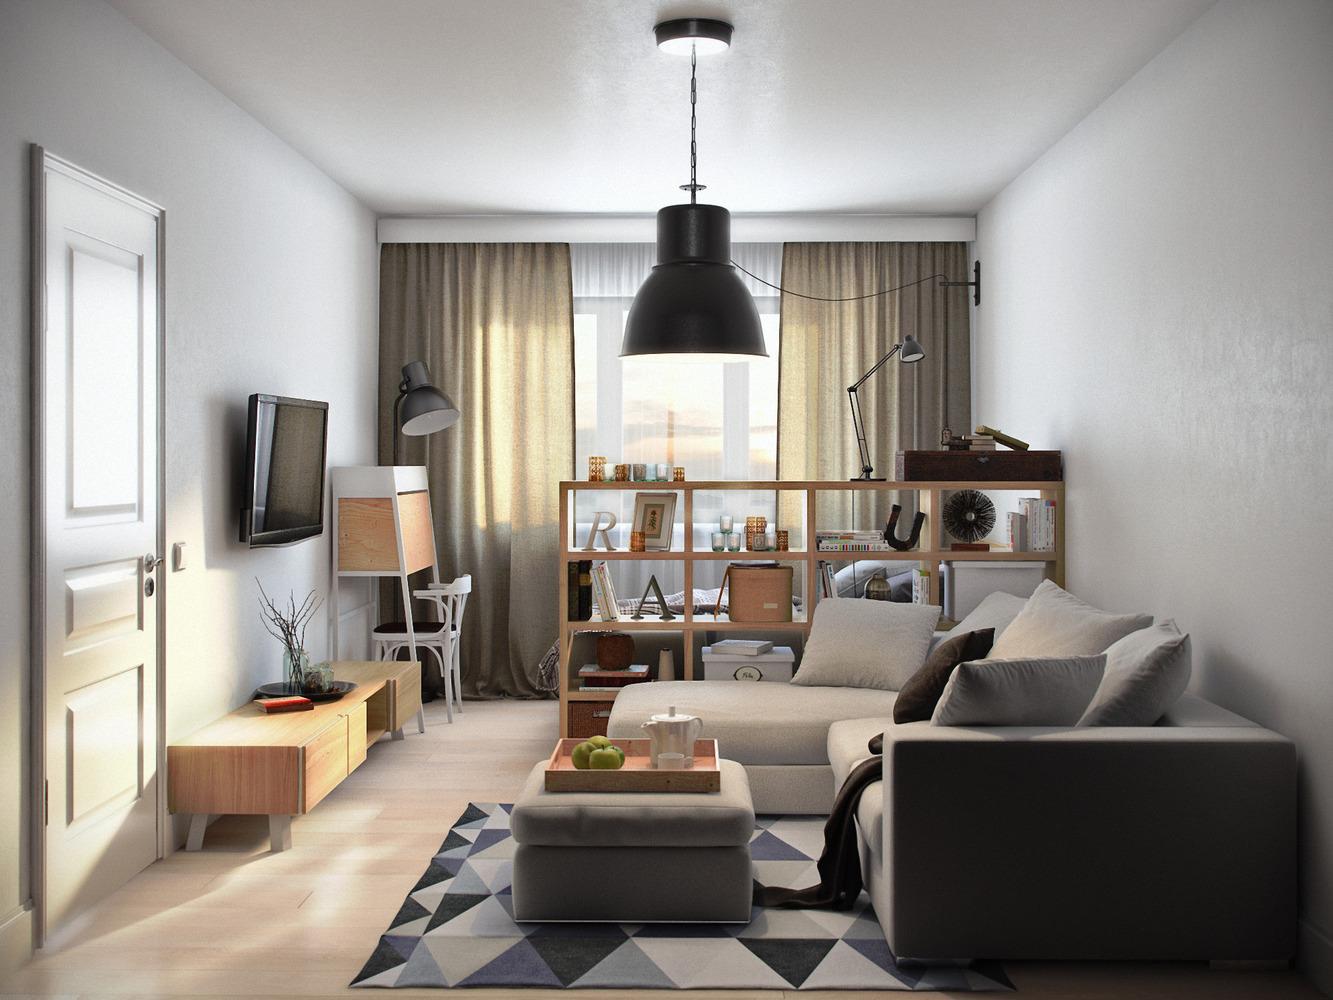 Дизайн квартиры однокомнатной: как правильно оформить интерьер